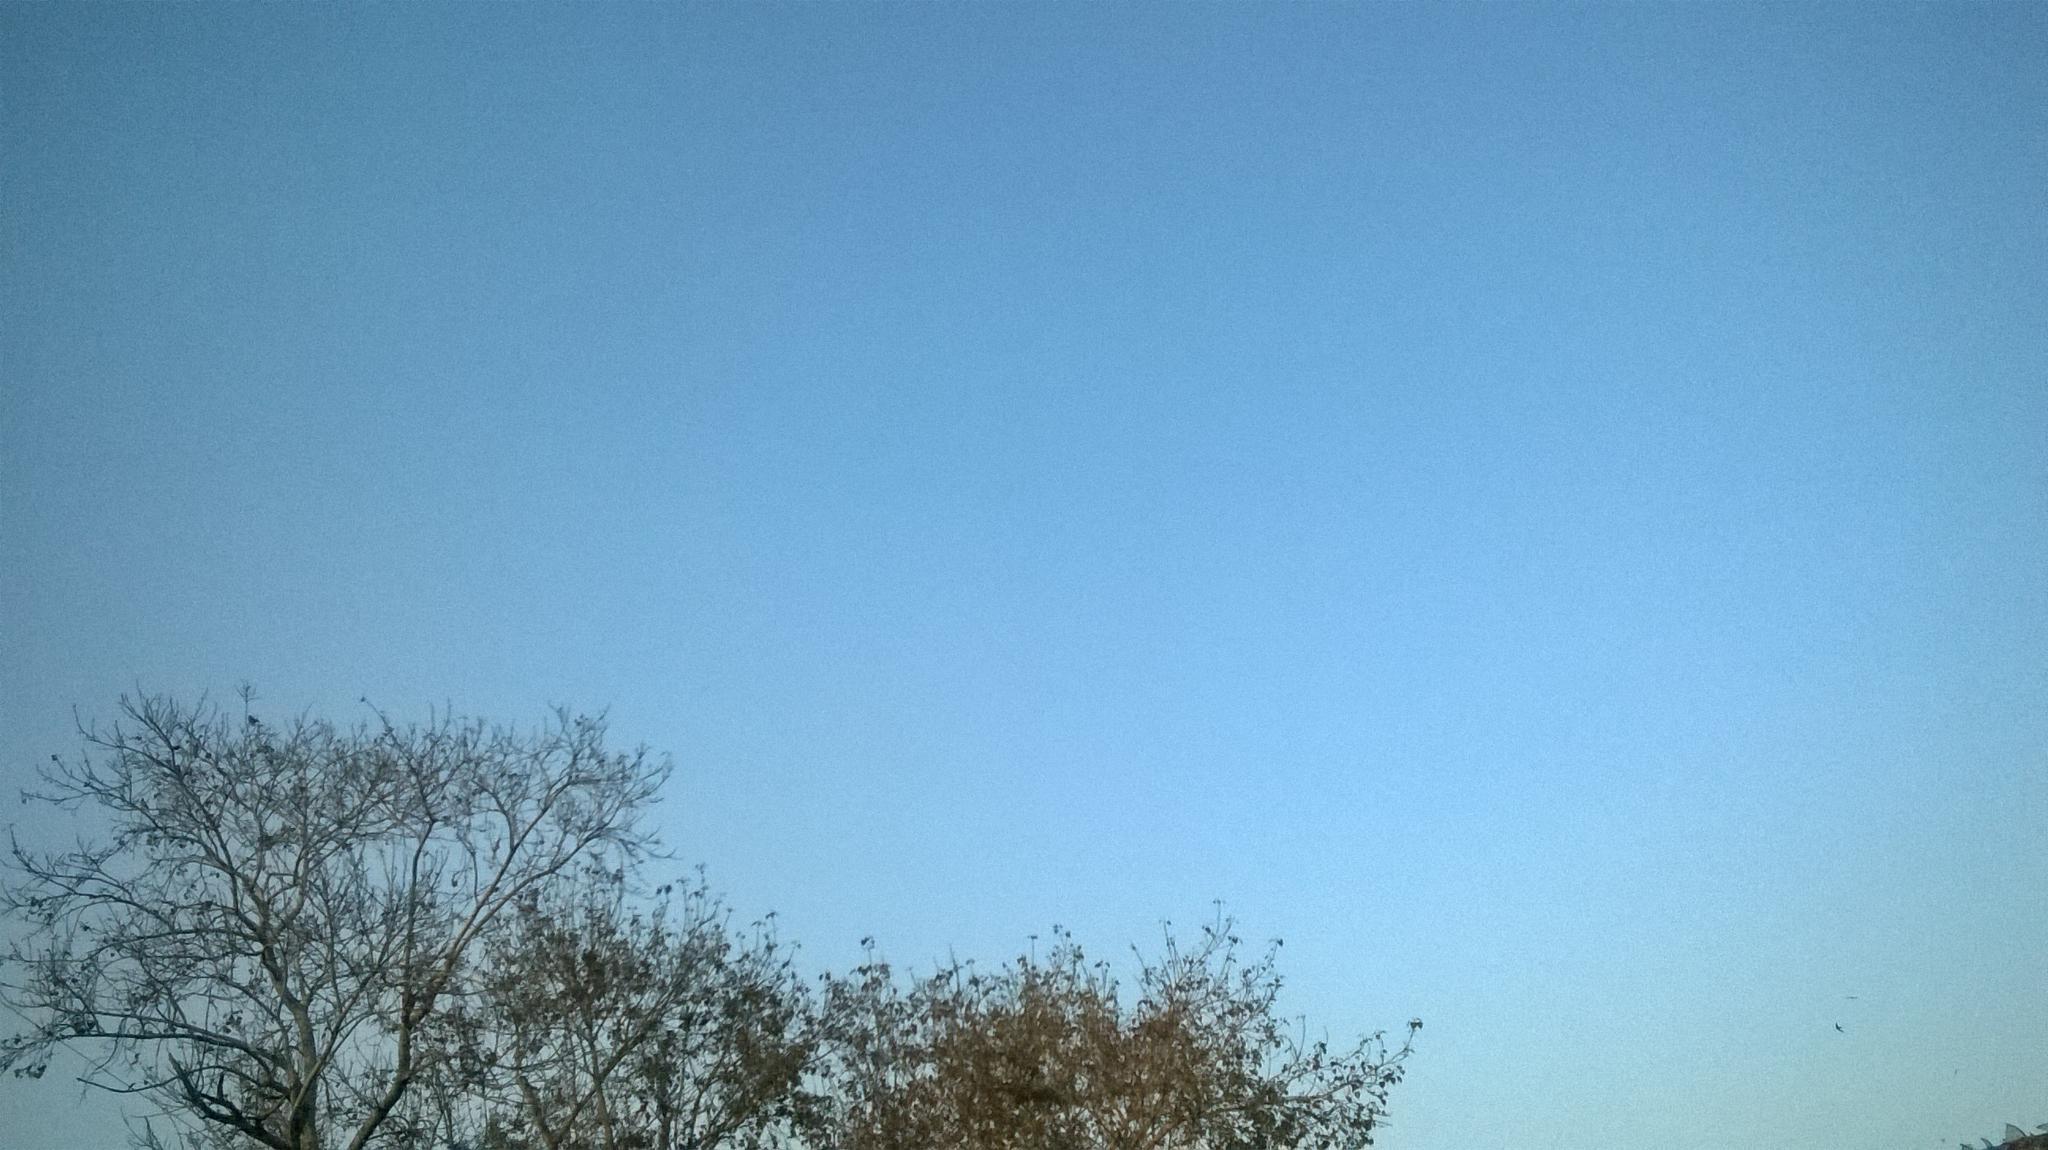 trees in blue sky by MJ